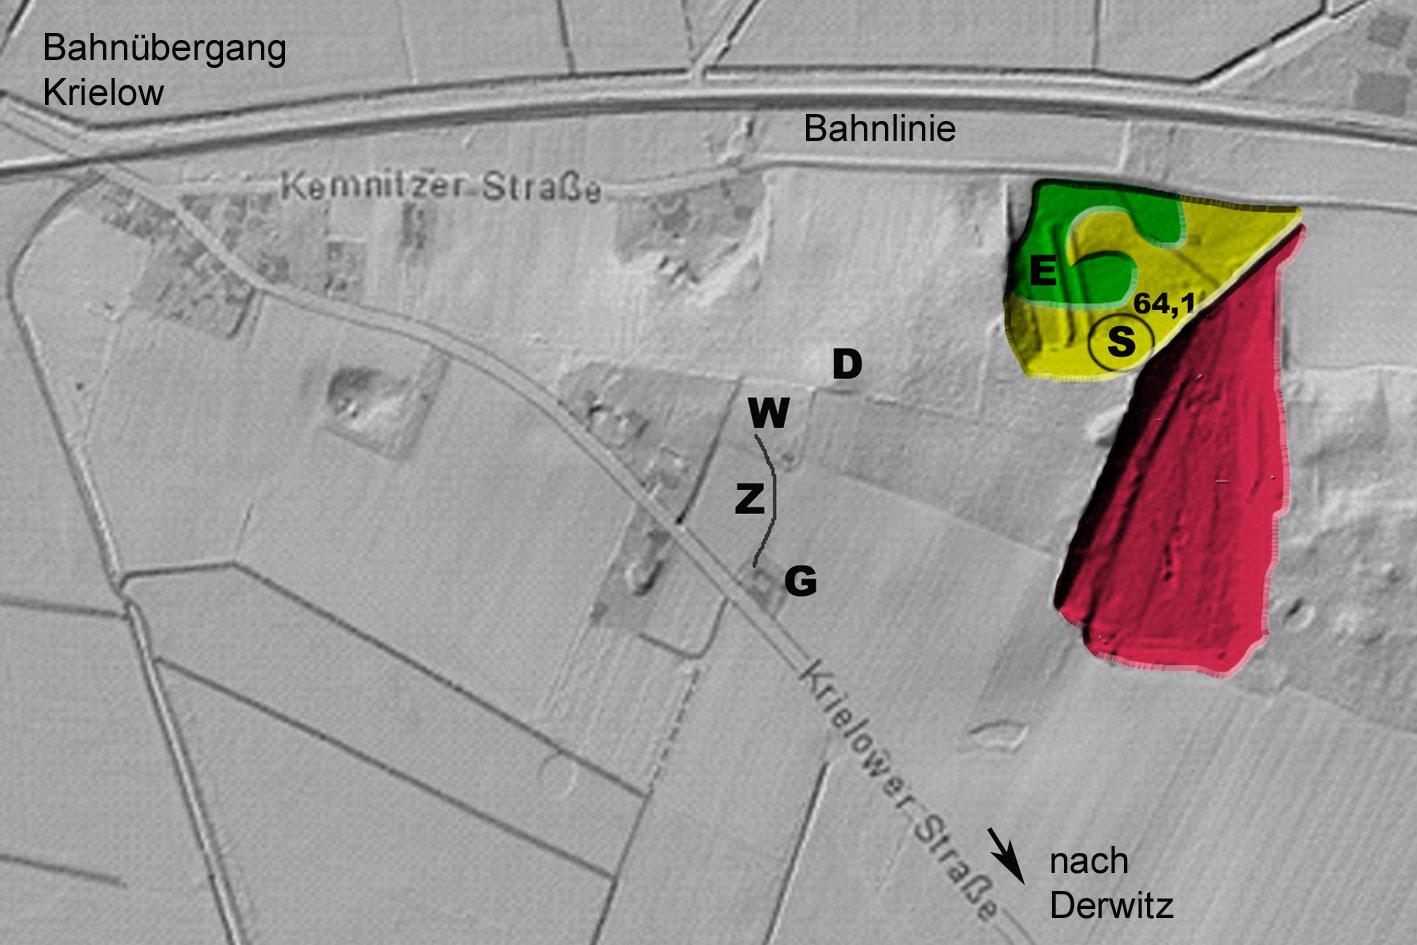 Aus historischen Messtischblättern wurden hier die drei Grubenbereiche, die seit 1846 und den folgenden ca. 80 Jahren entstanden, farbig in den aktuellen Oberflächen-Scan eingetragen. Der grüne Grubenbereich war 1891 einzig allein vorhanden - das Lilienthal'sche Übungsgelände. Der gelbe Grubenbereich entstand erst 1904 bis 1906 für die Bahn in Potsdam Charlottenhof. Der rote Grubenbereich zum Autobahnbau – per Lorenbahn in den 1930-er Jahren abgefahren.